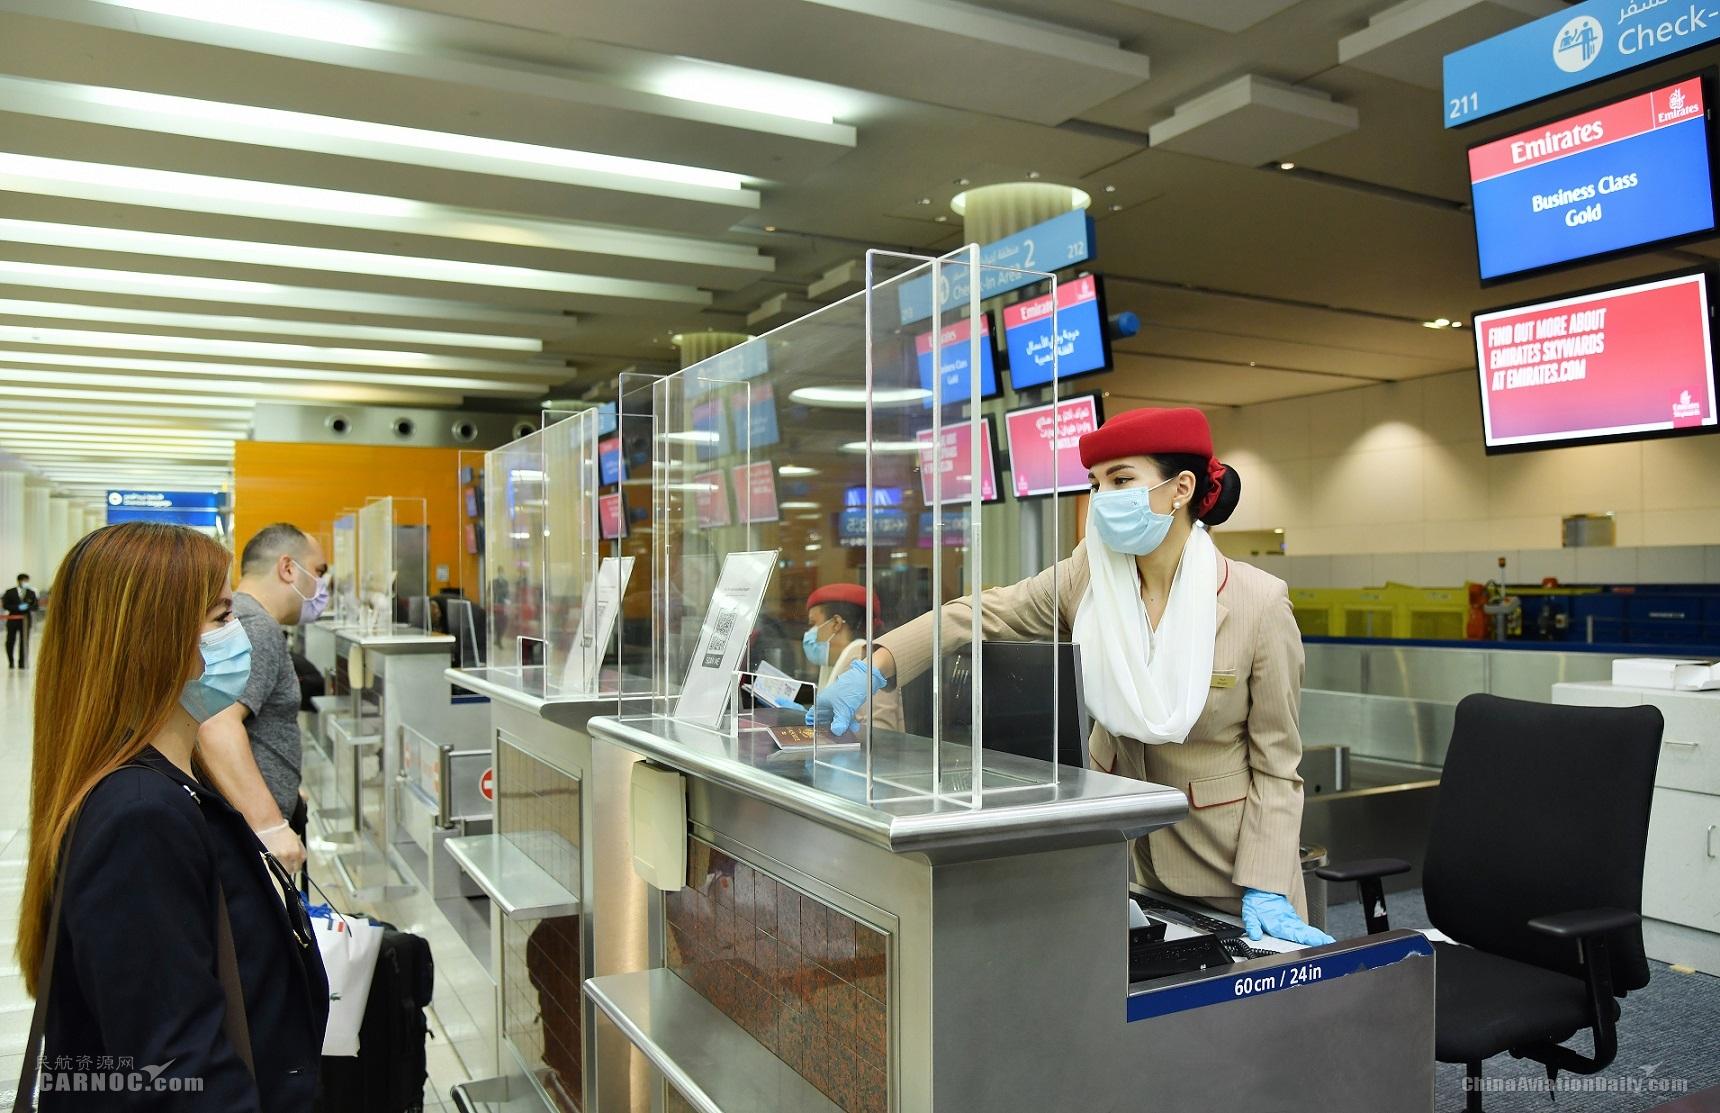 阿联酋航空恢复客运航班 重新定义安全和卫生标准